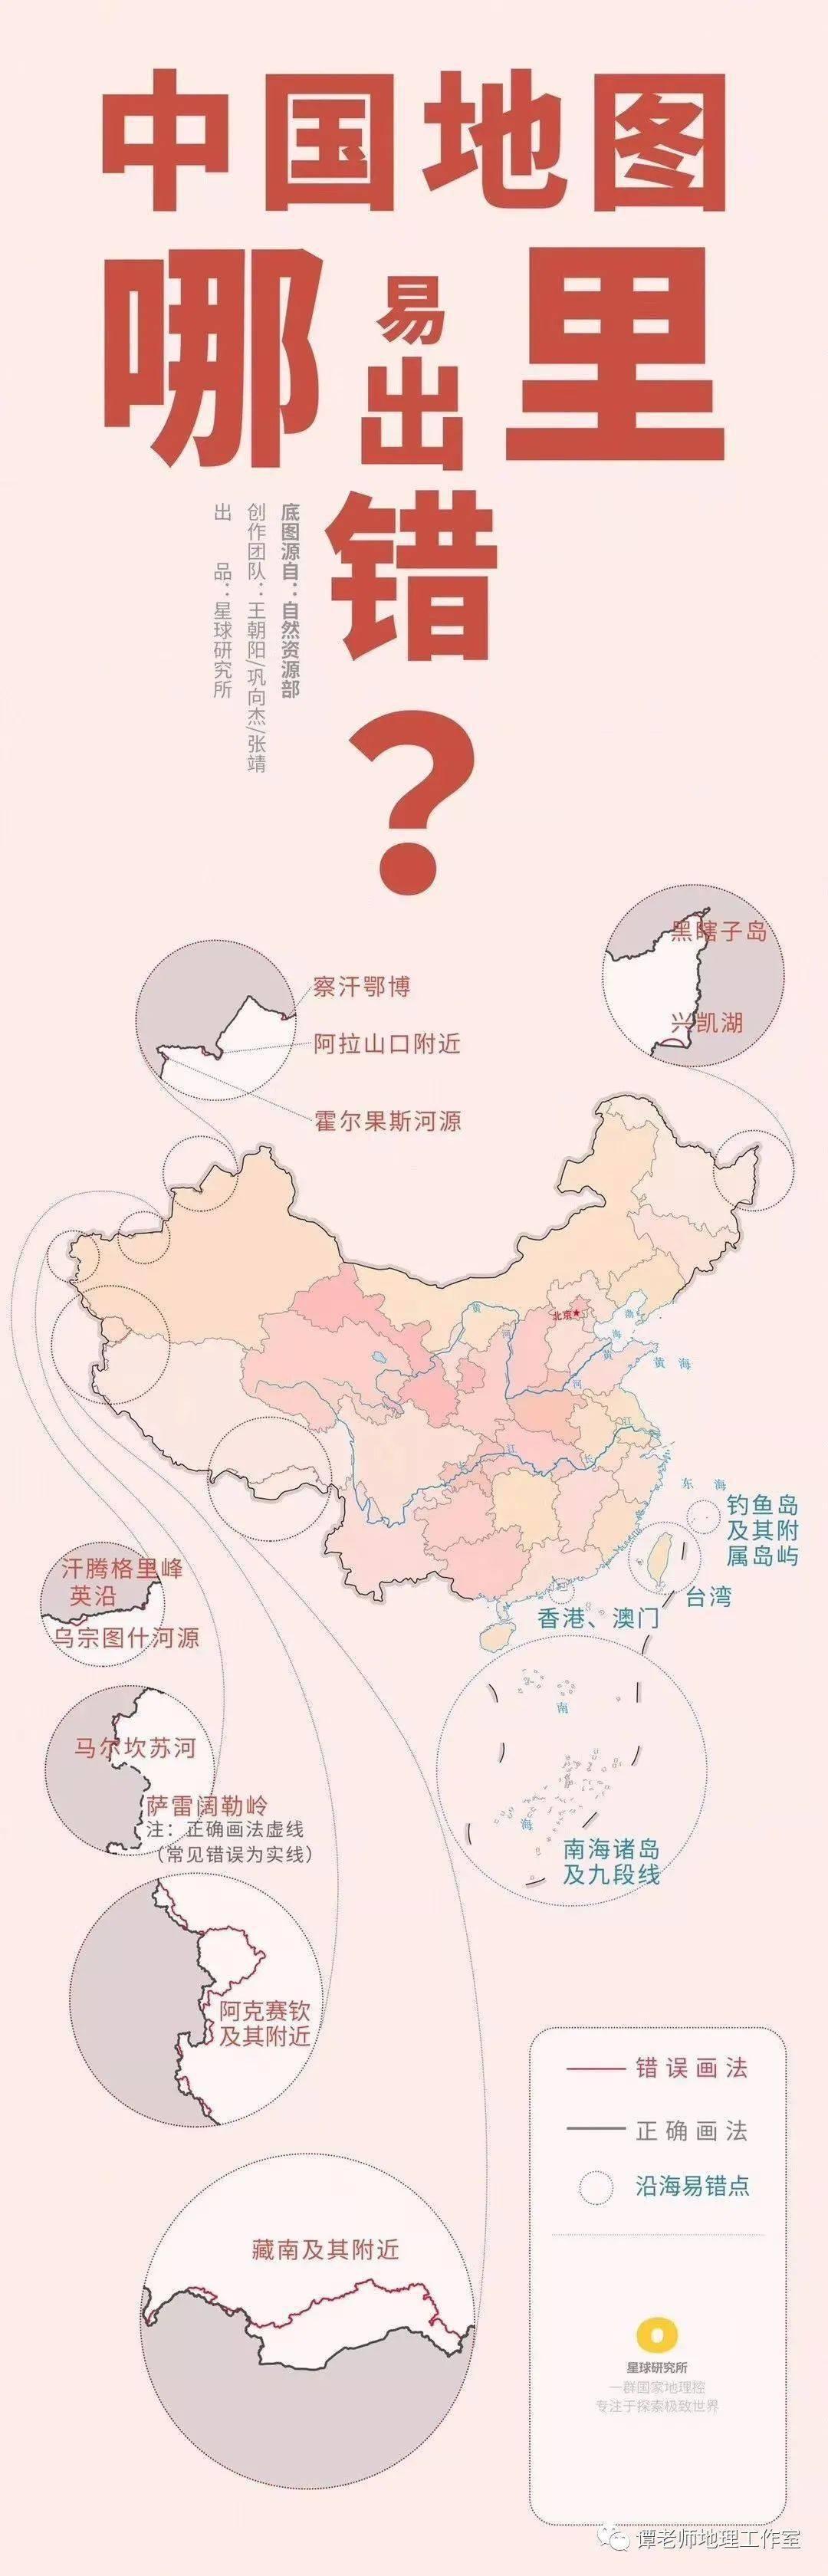 """【时事热点】H&M官网存在""""问题地图""""被约谈!""""问题地图""""都有哪些问题?教你快速识别""""问题地图""""!  第4张"""